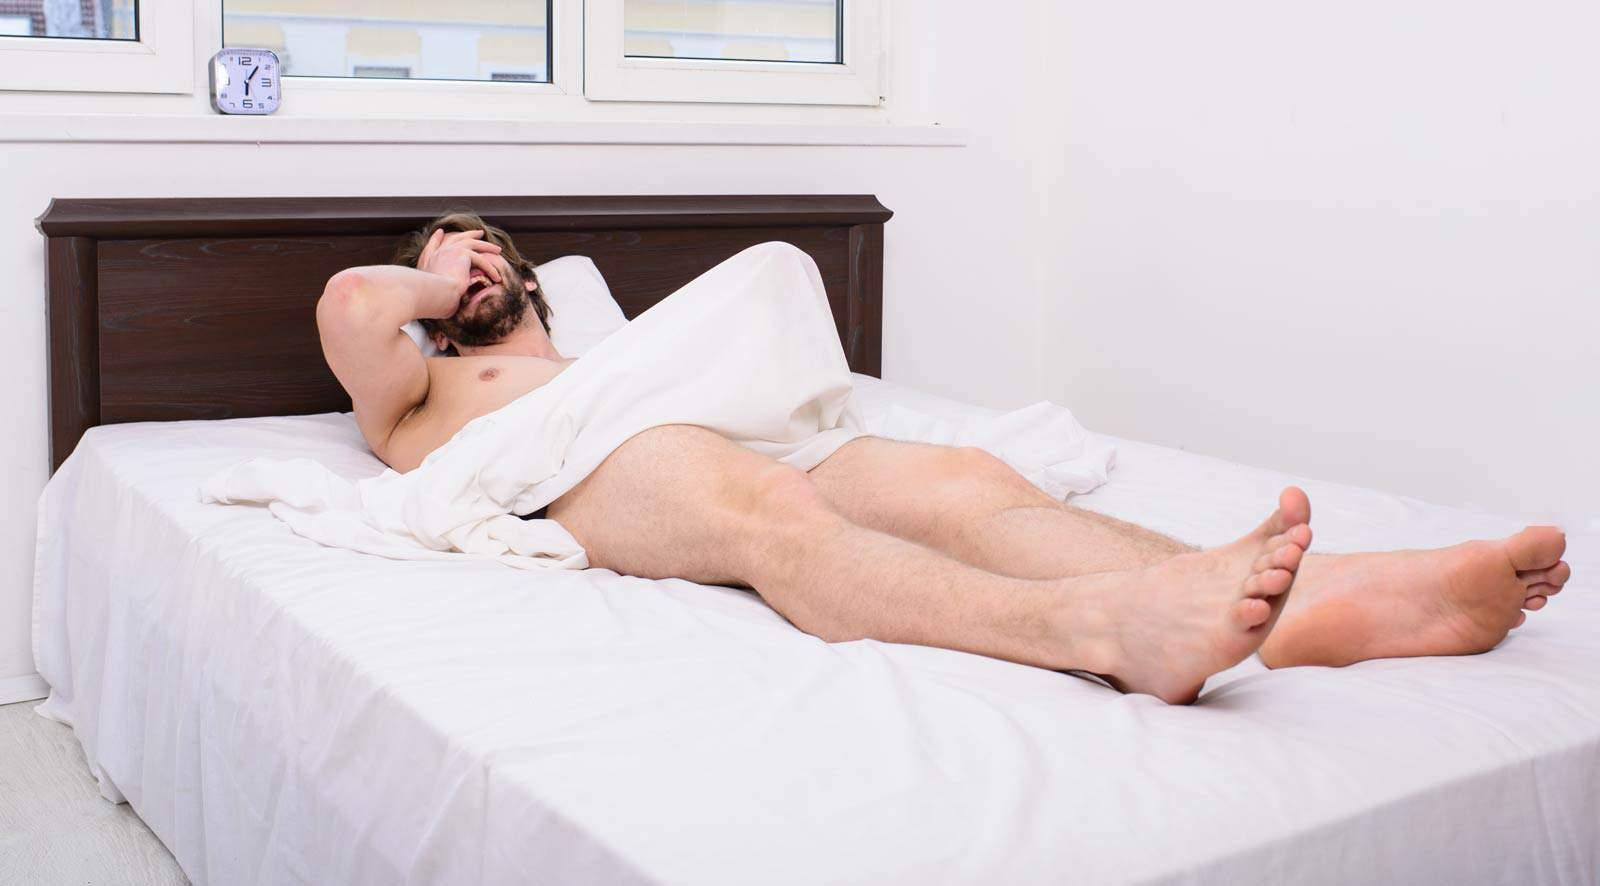 Kako postići tvrdu erekciju